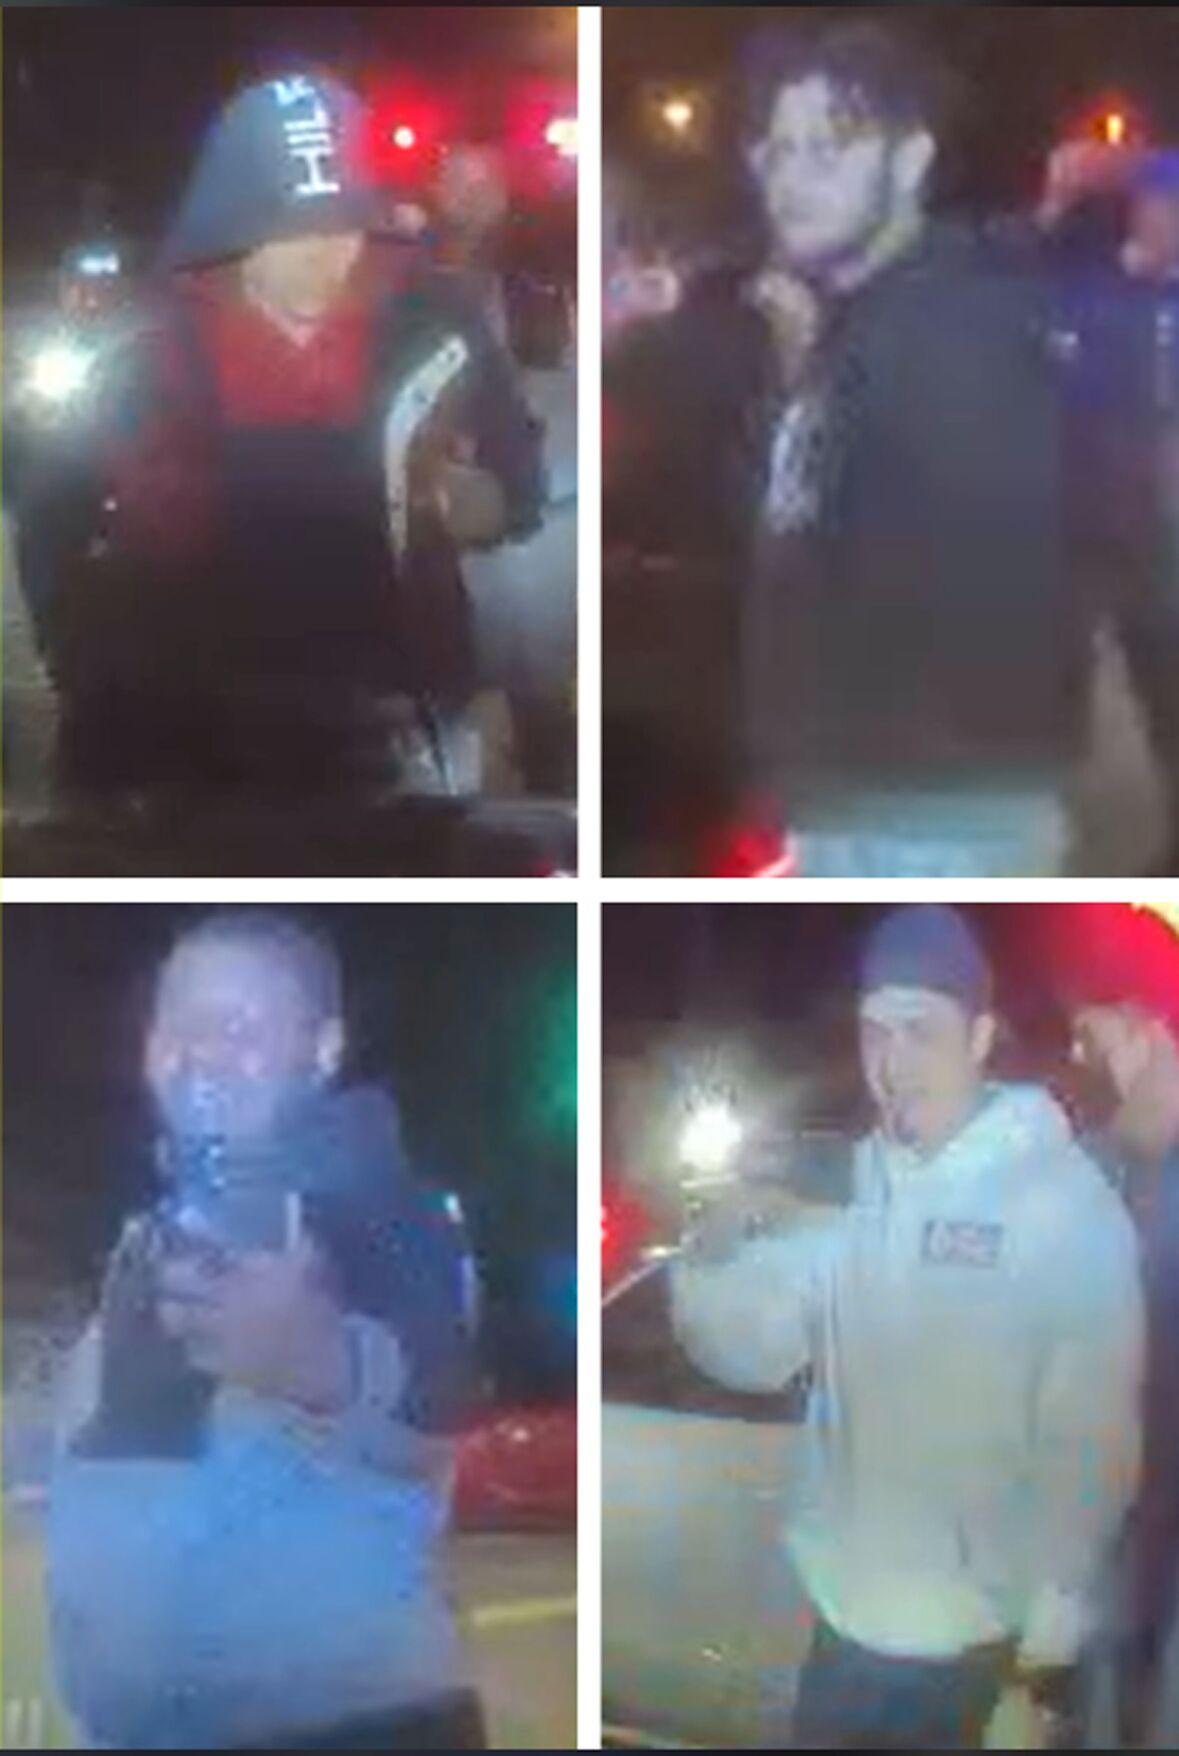 110420_MNS_APD_race_suspects suspects